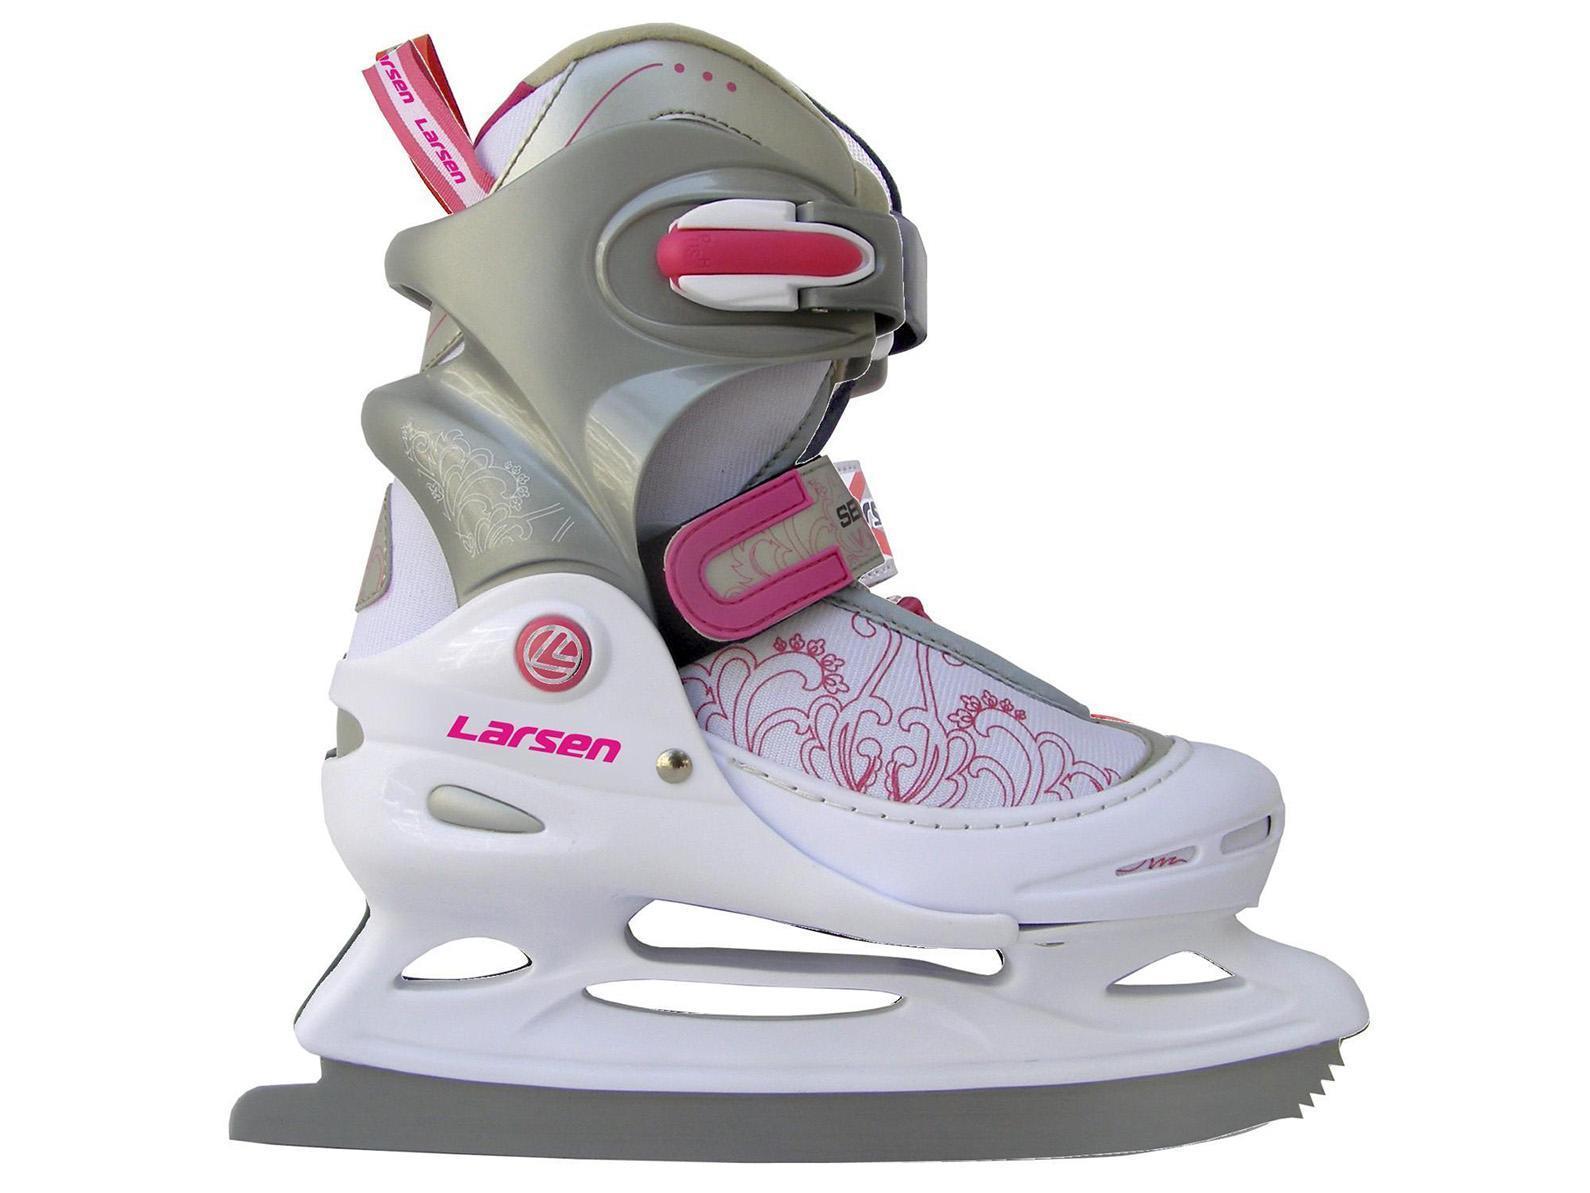 Коньки ледовые женские Larsen, раздвижные, цвет: серый, розовый, белый. Liberty 2014-2015. Размер 38/41 коньки ледовые раздвижные larsen monsters 38 41